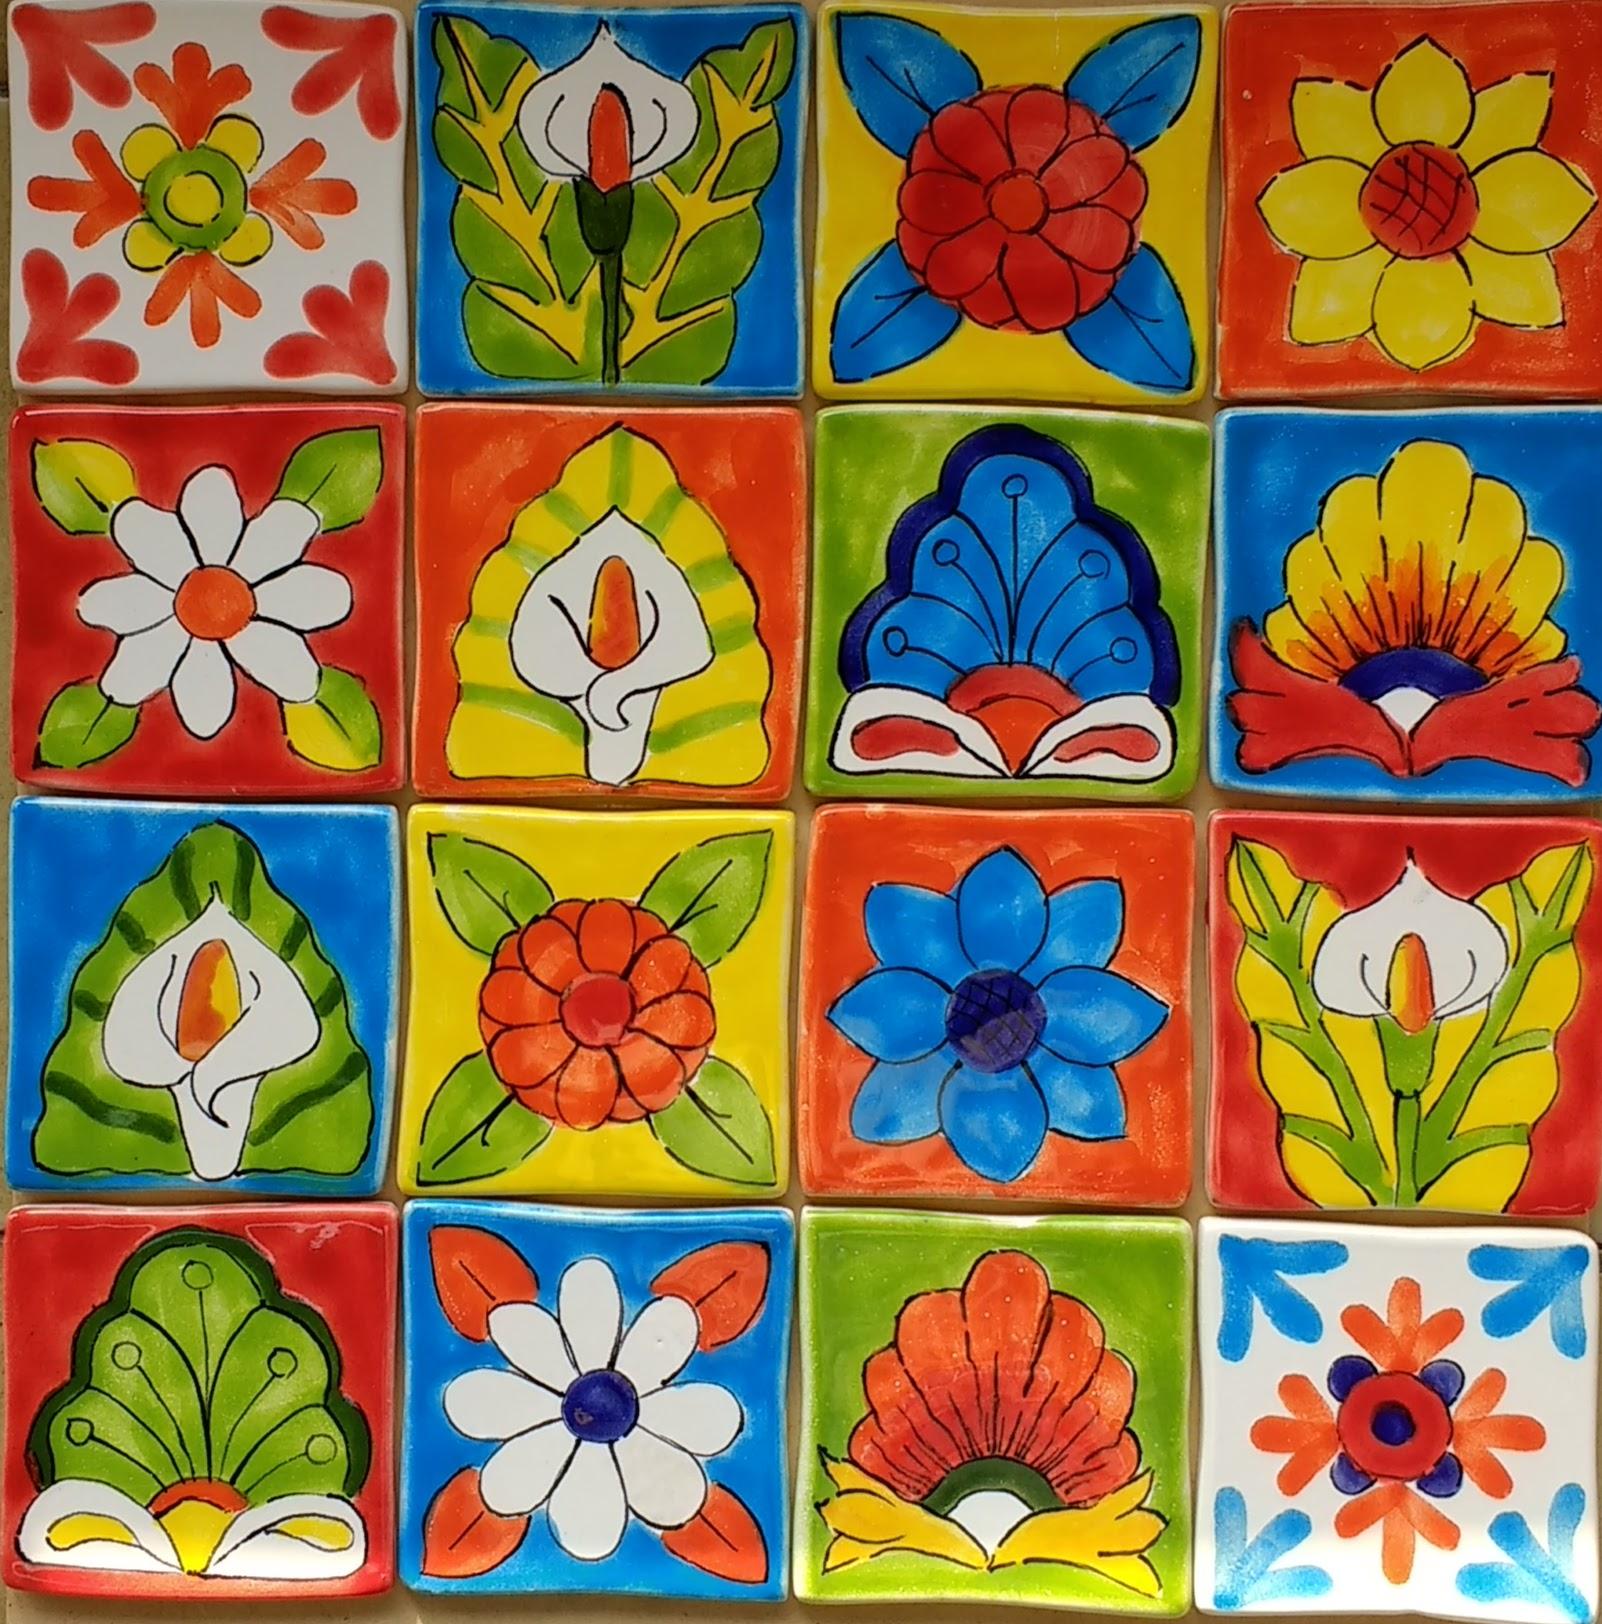 10x10-floral